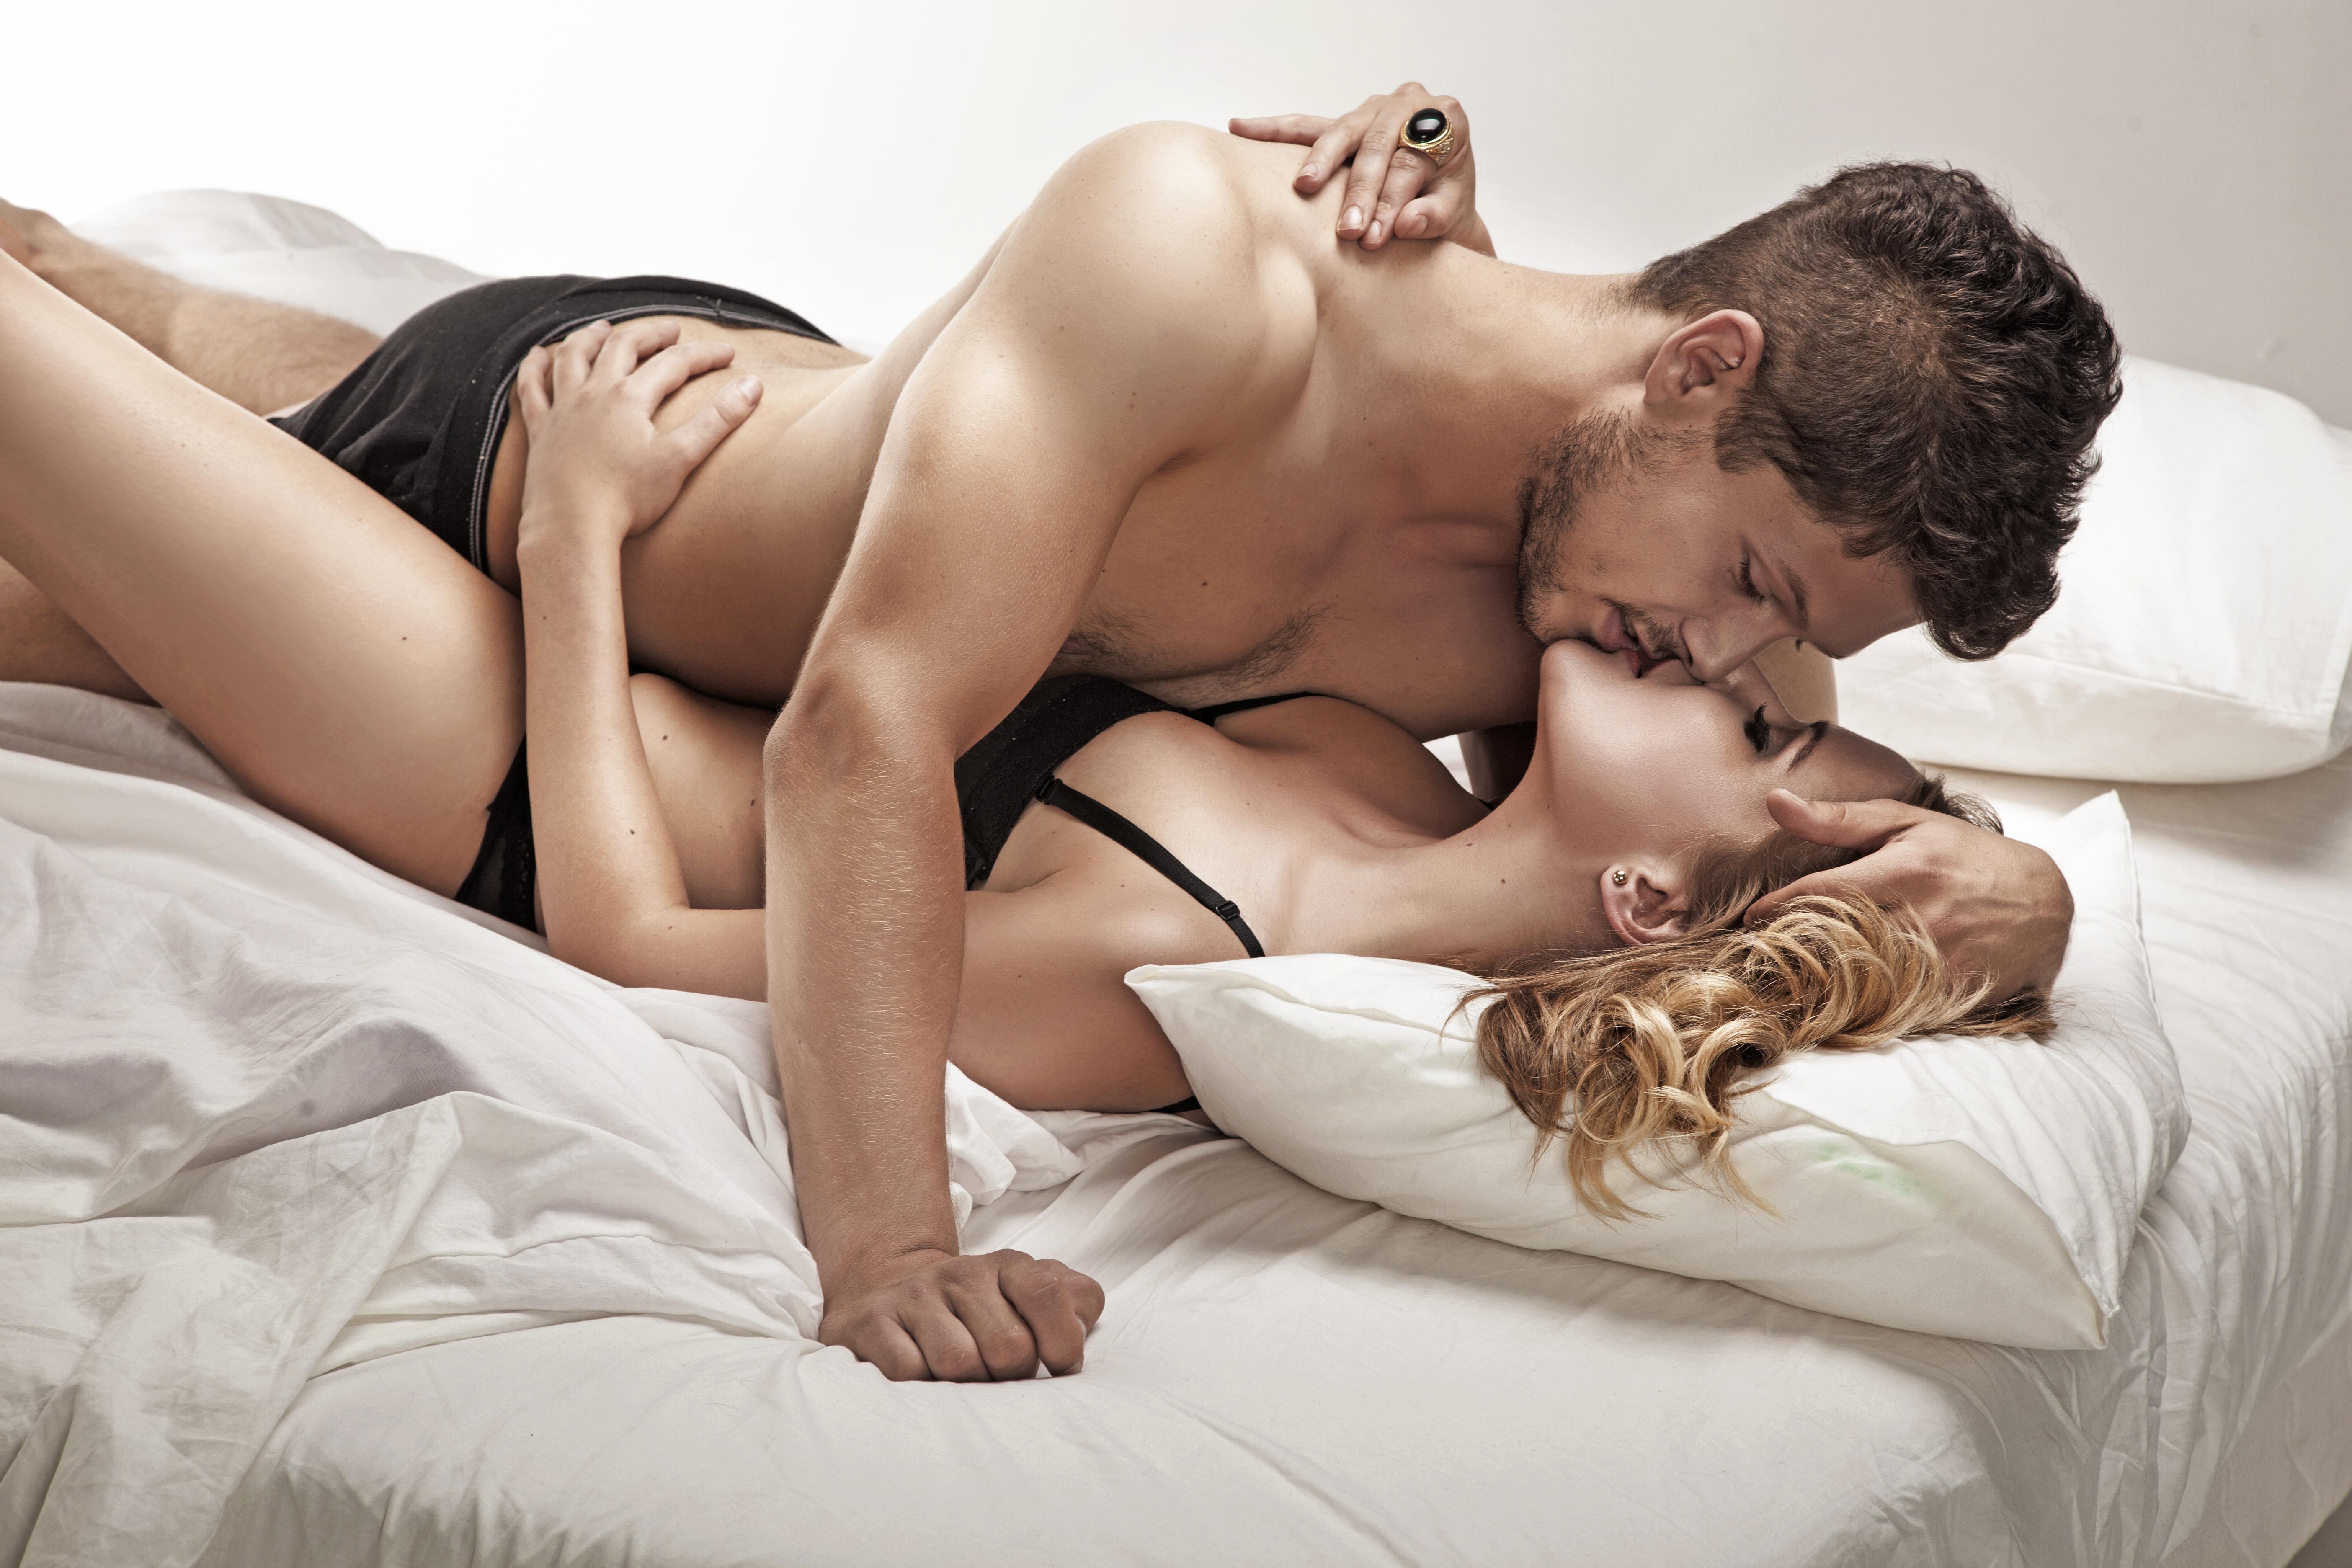 Фото сексуальные женщины вместе с мужчинами 11 фотография